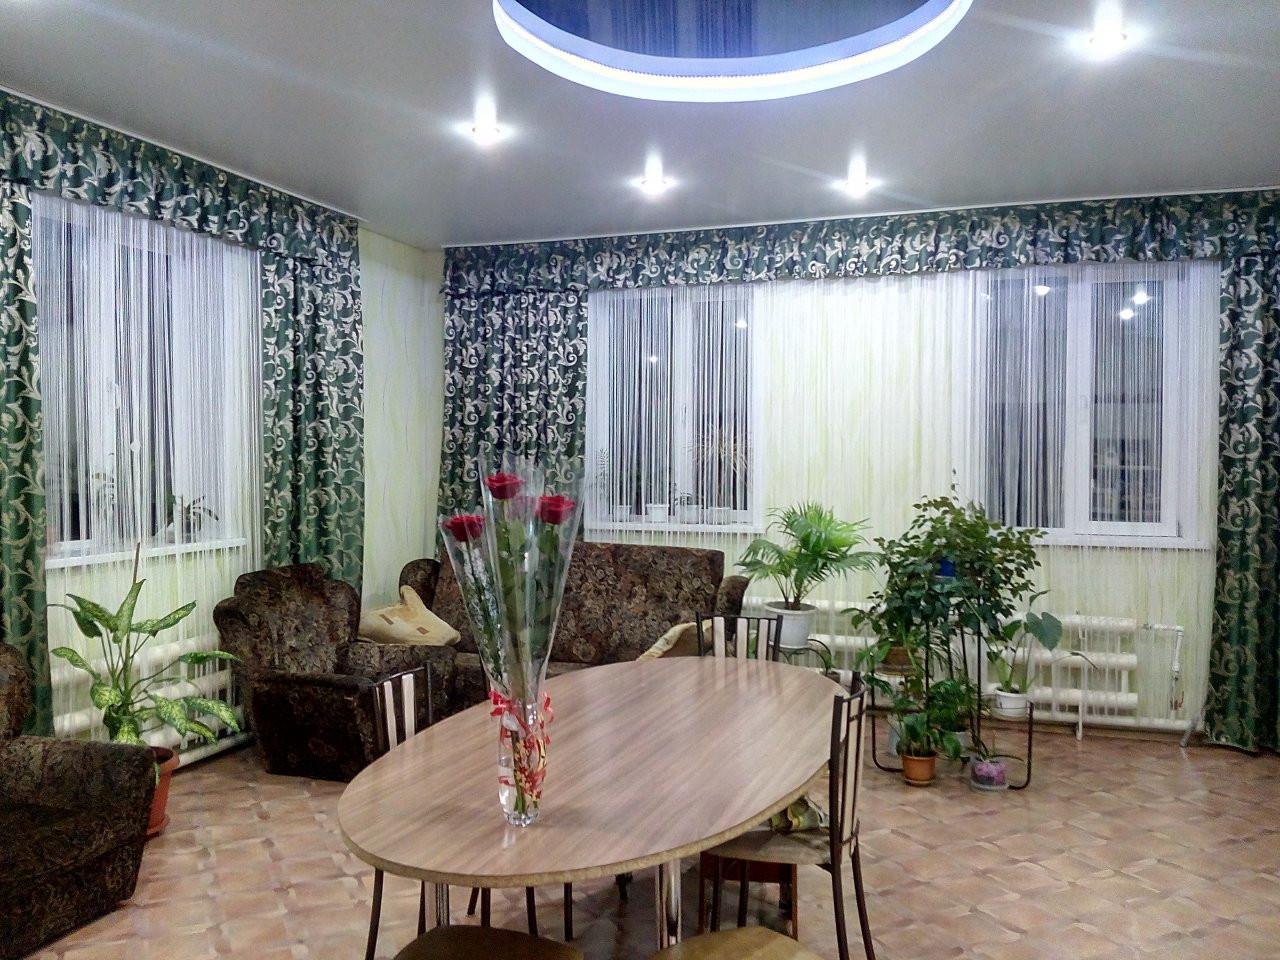 фото нового дома в лопатино красноярск подсудимых бывшие наркополицейские